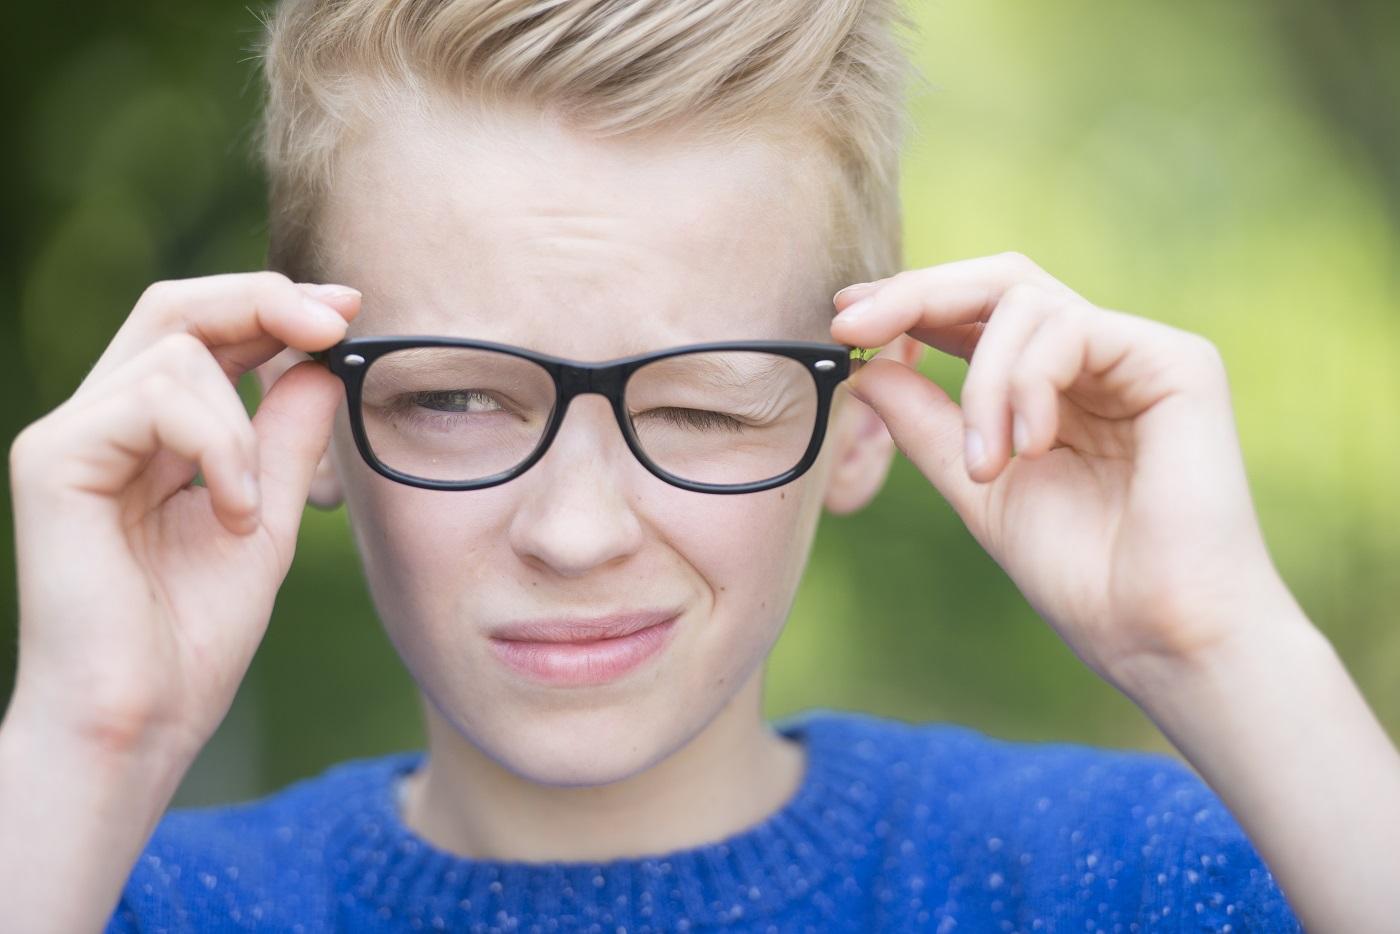 GG sindrome di tourette e bambini